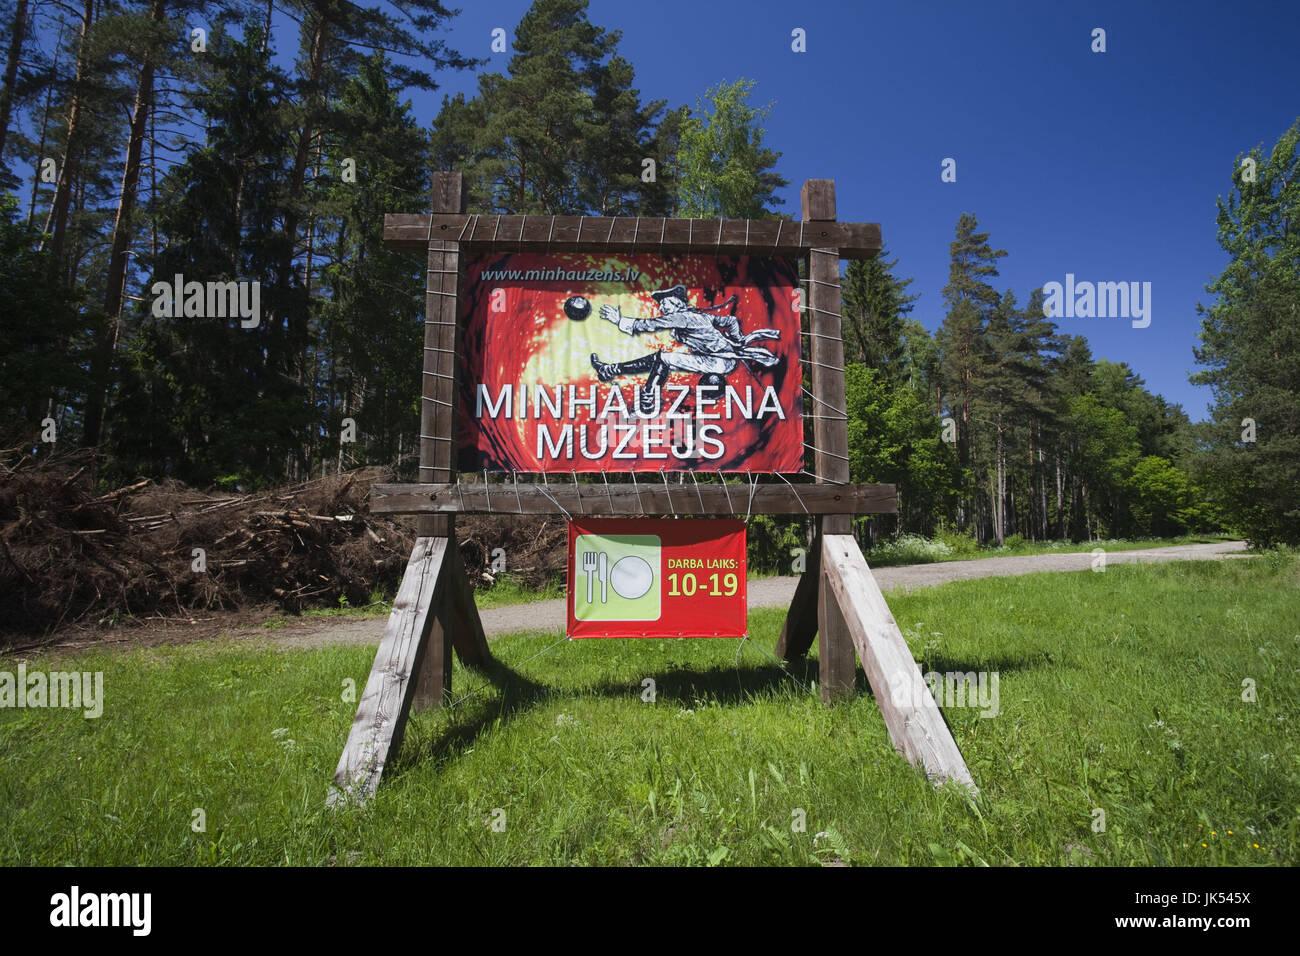 Letonia, al noreste de Letonia, Vidzeme, Región Costa Dunte, Break del Barón Karl von Munchausen, escritor de historias fantásticas, signo Foto de stock